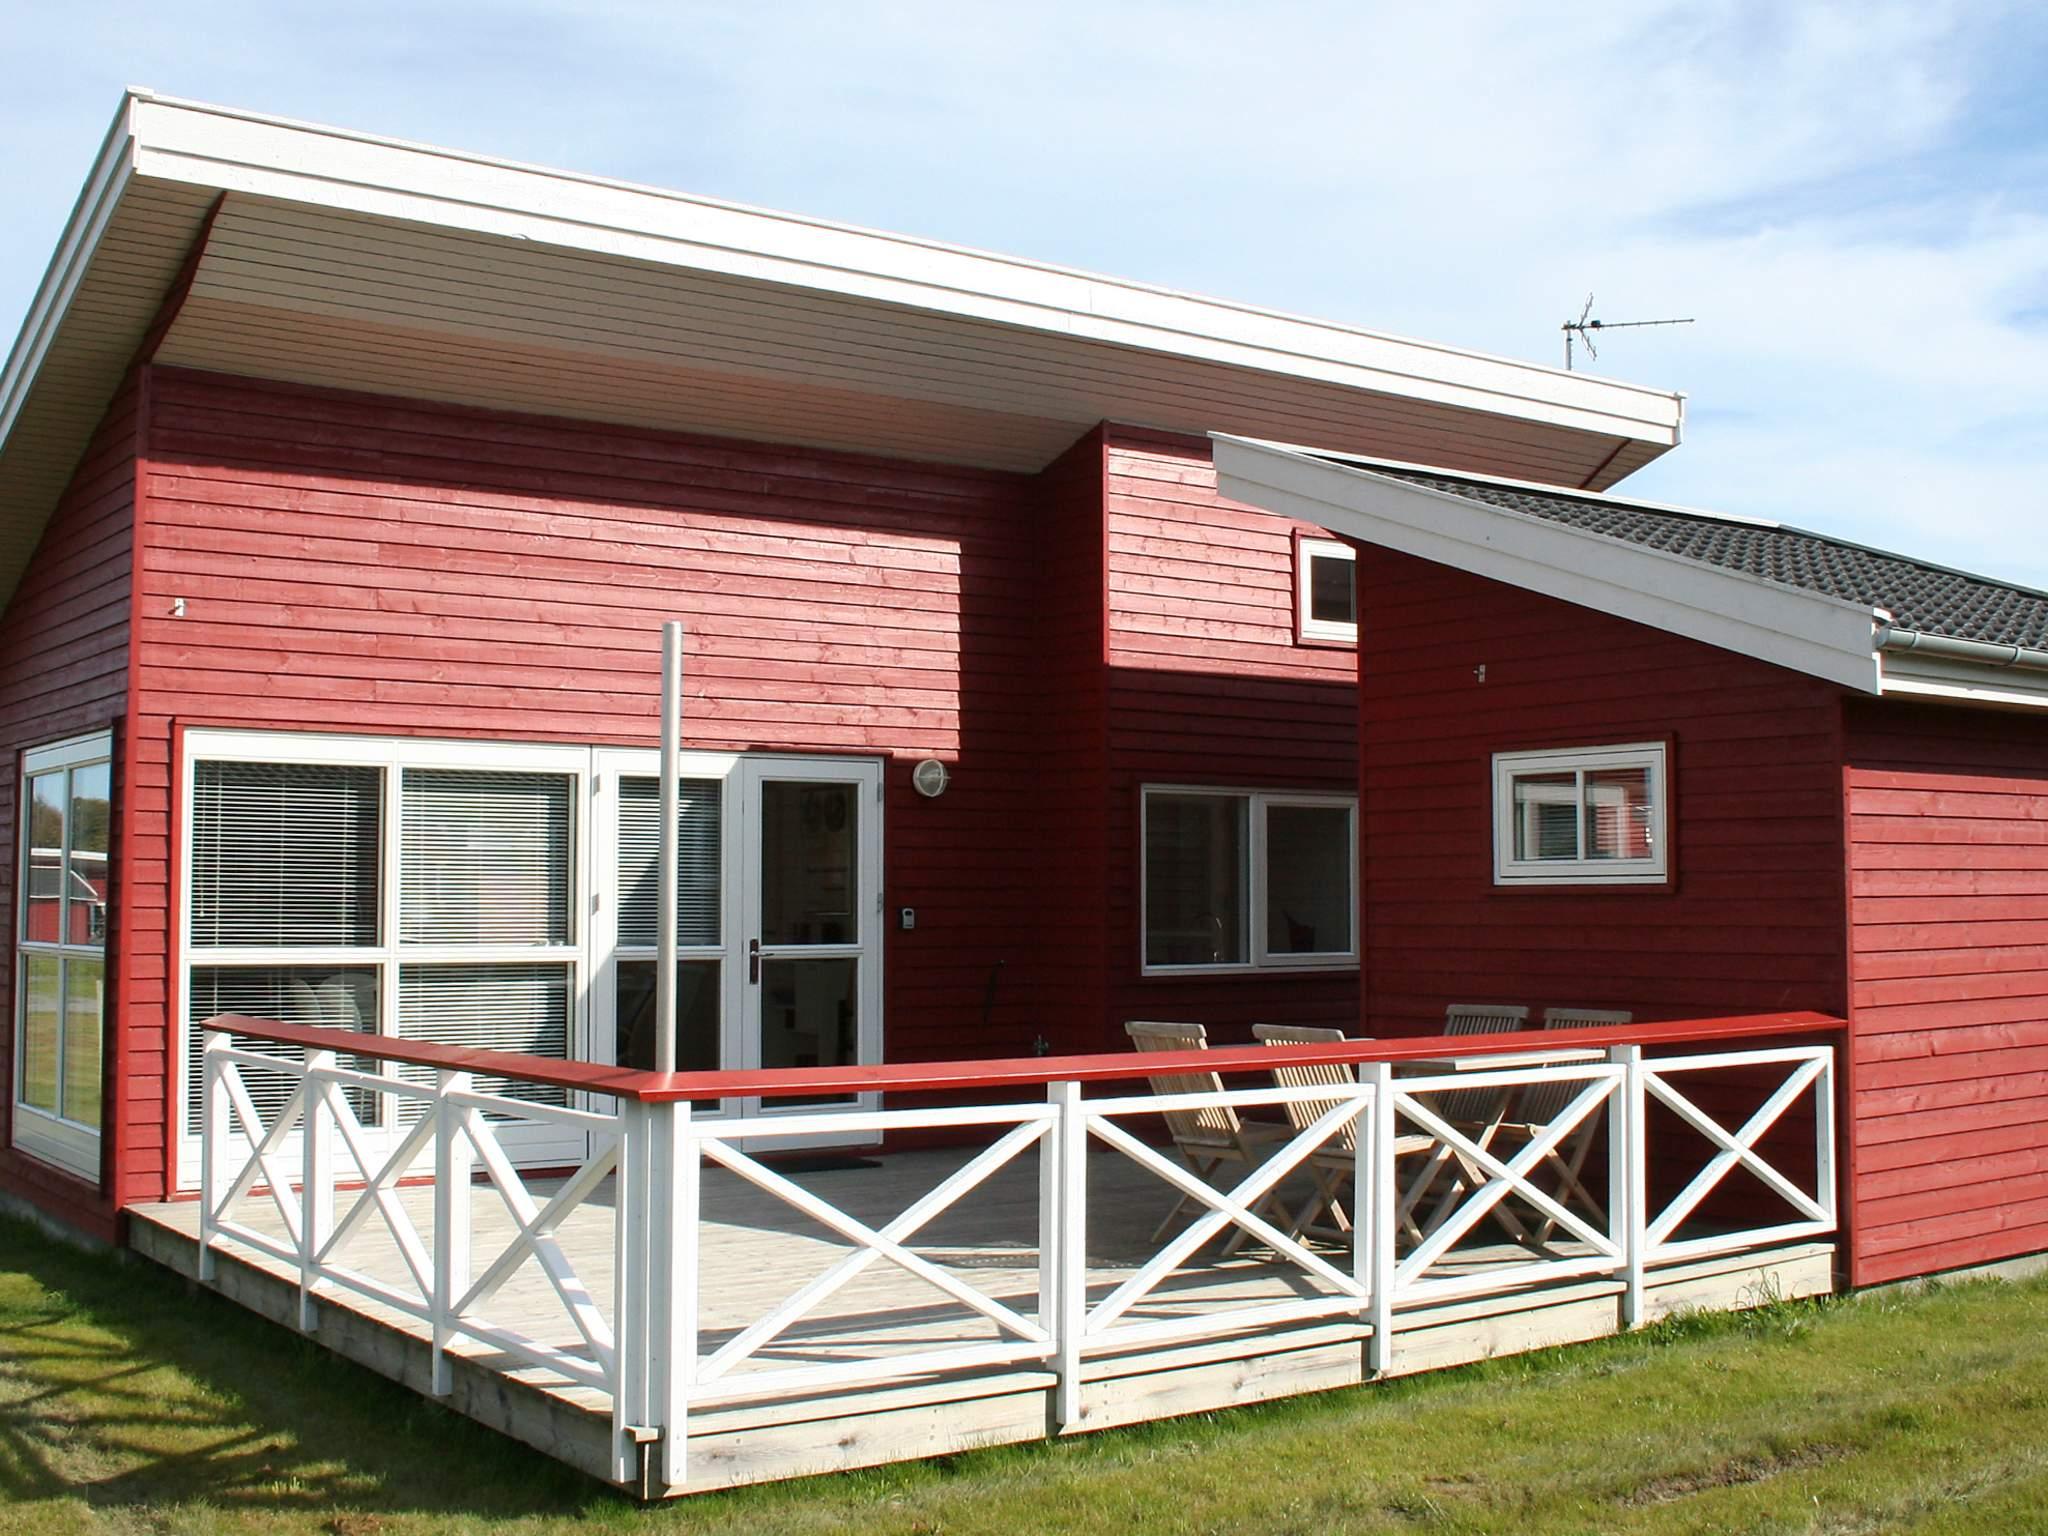 Ferienhaus Rø/Gudhjem (500241), Gudhjem, , Bornholm, Dänemark, Bild 1